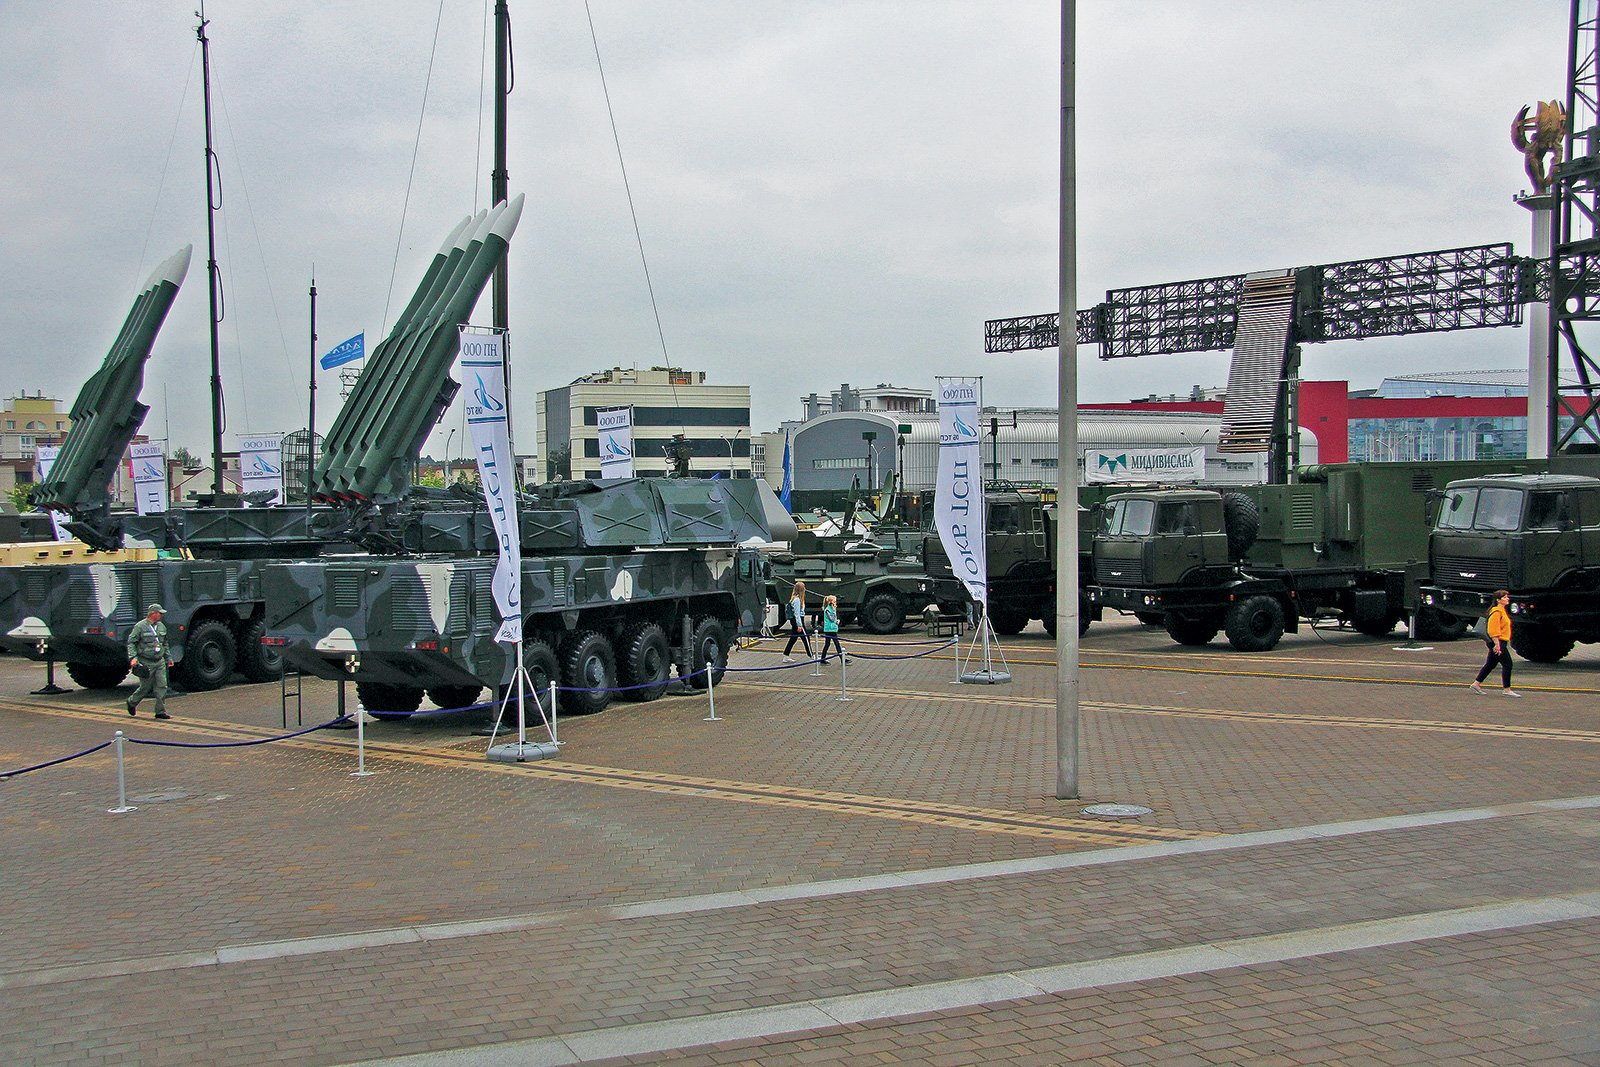 «Волат», «Защитник» и «Секач»: уникальная военная техника из Беларуси